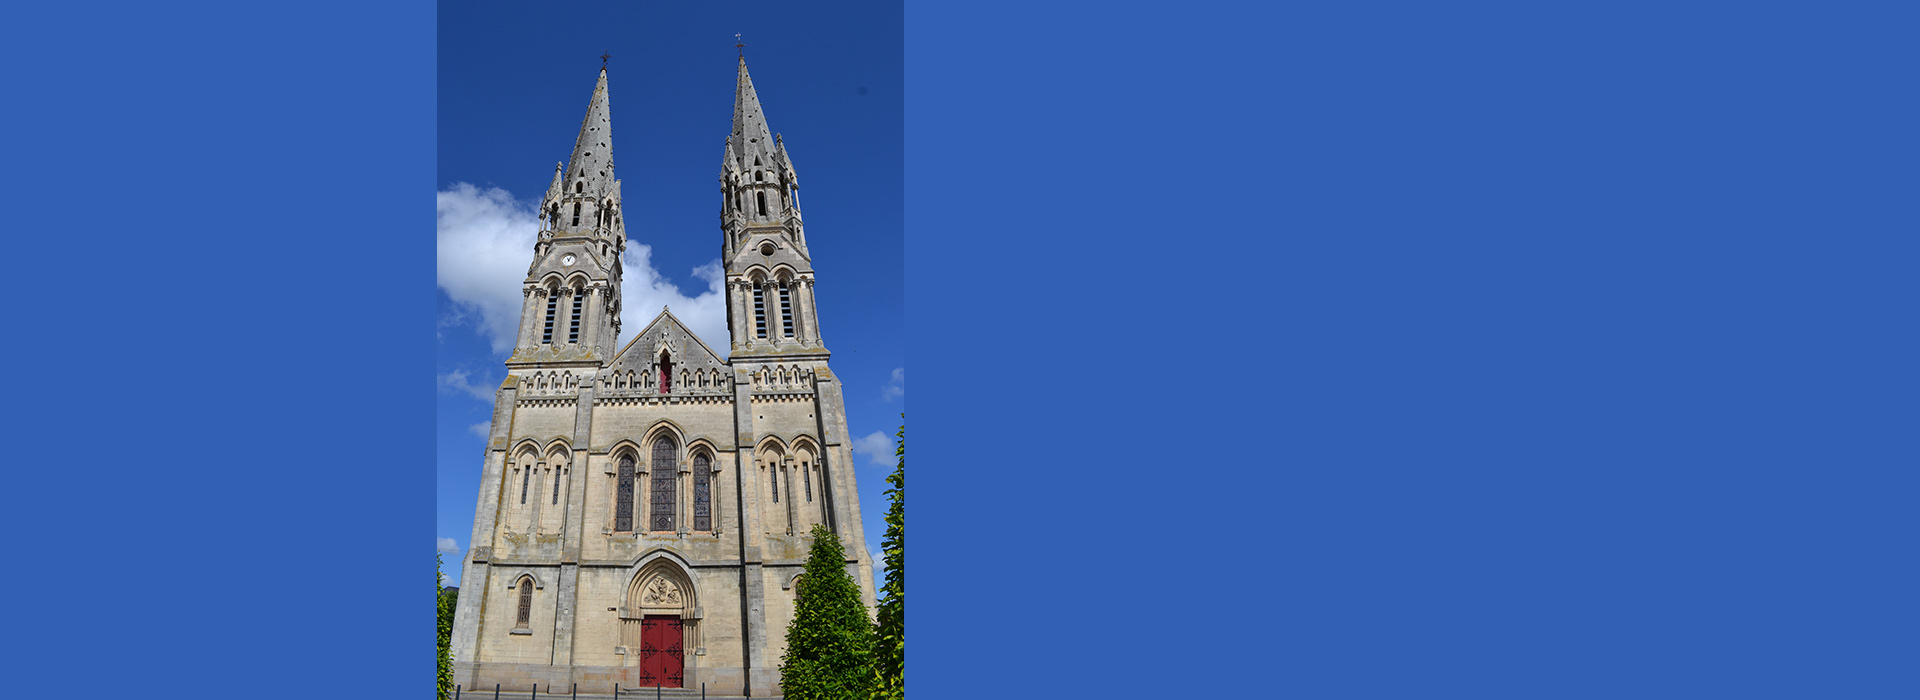 Paroisse Machecoul église Machecoul 44